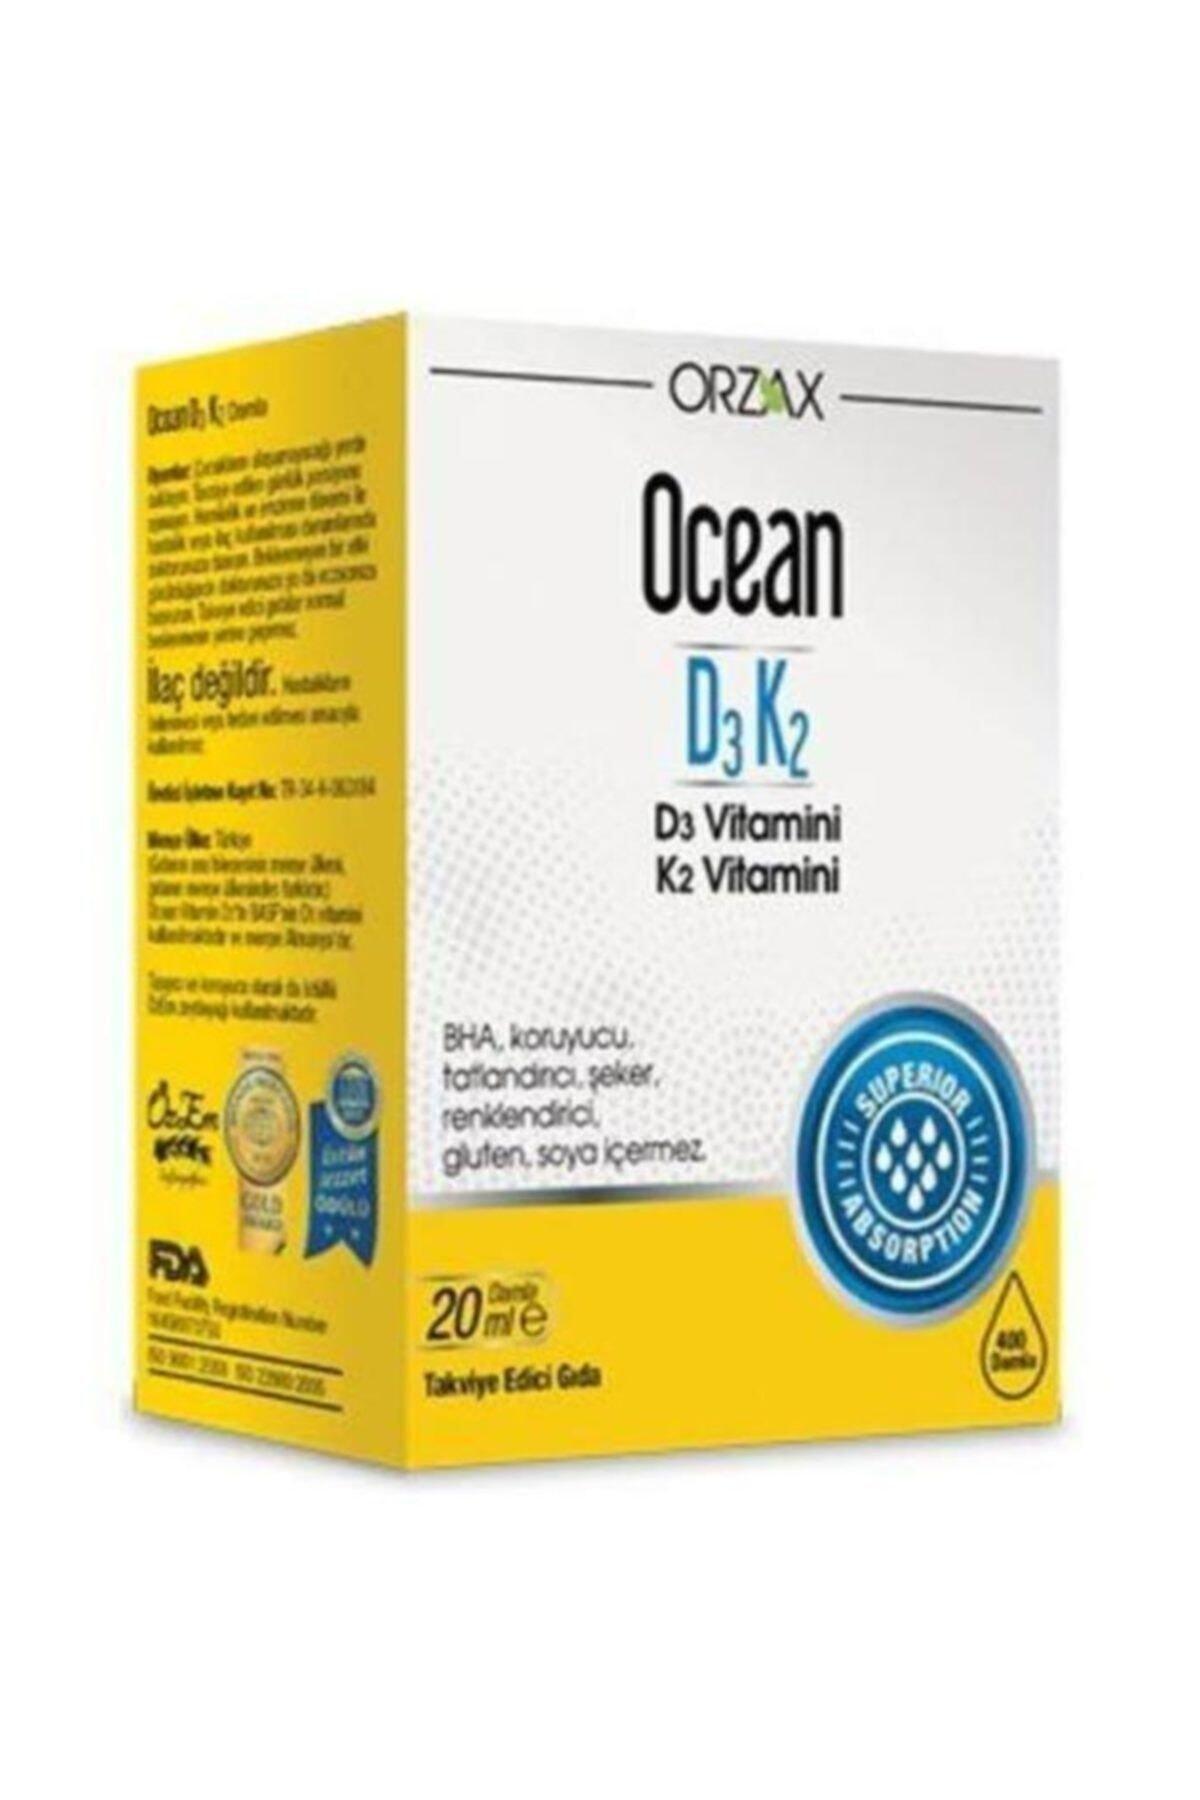 Ocean D3k2 Damla 20 ml 1